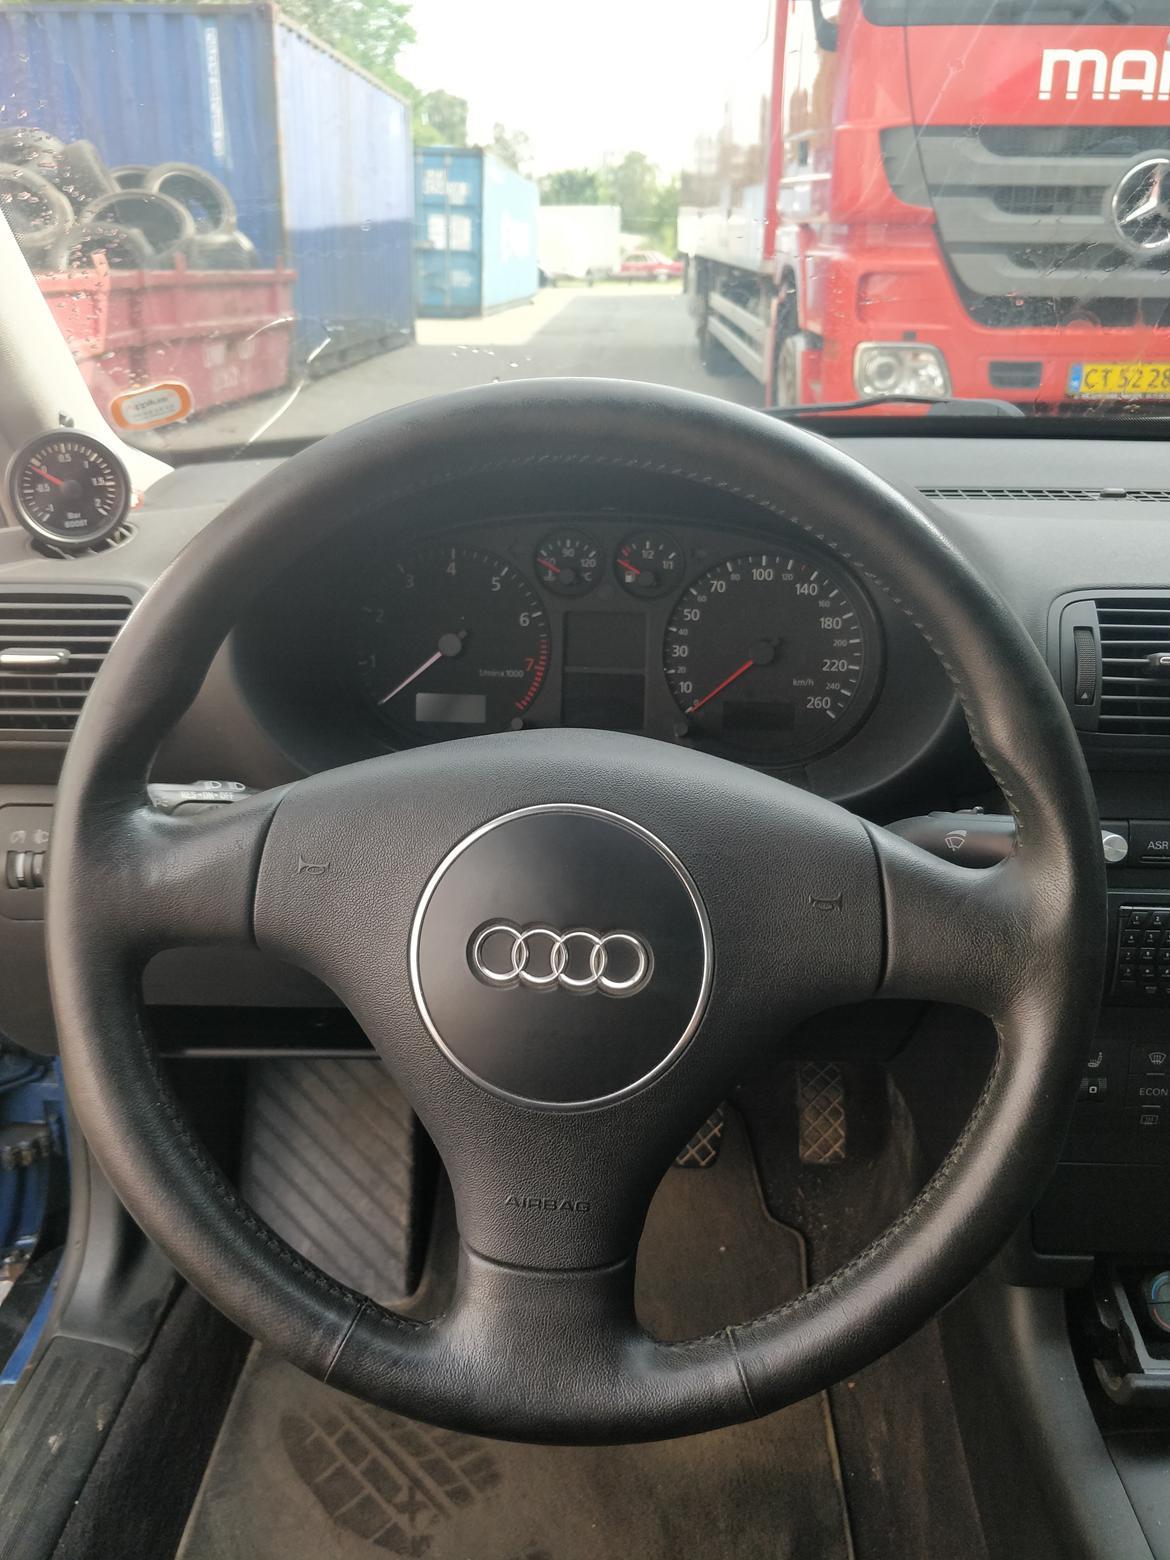 Audi A3 8L 1.8T billede 14